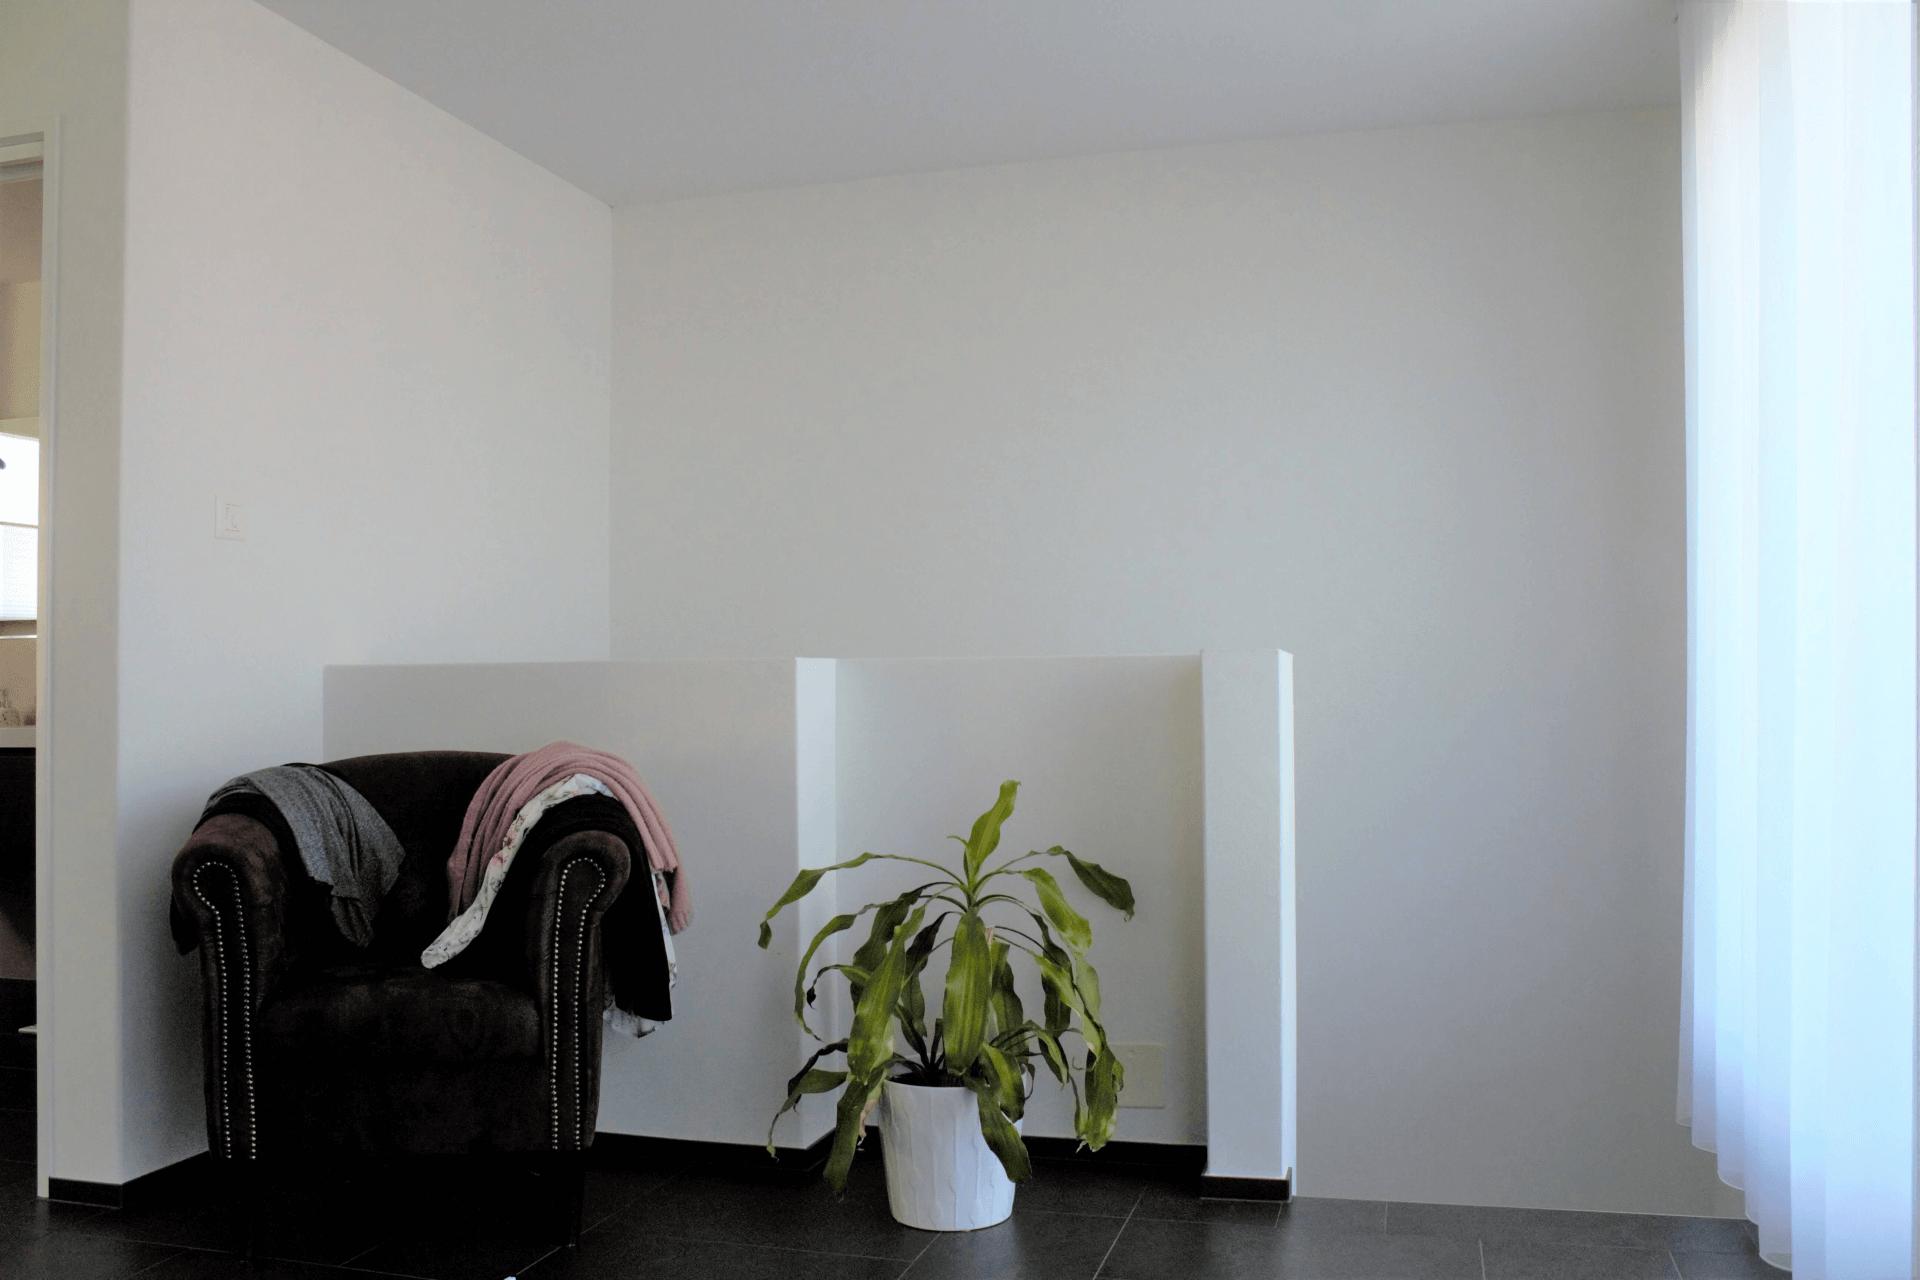 Bestehender Eingangsbereich des Schlafzimmers mit dunklen Feinsteinzeug Keramikplatten und weiss verputzten Wänden. Das Treppenhaus und das Schlafzimmer werden durch eine ca 80 cm hohe, weiss verputzte Brüstung getrennt. Keine durchgehenden Wände und / oder Türen. Möbliert ist dieser Bereich mit einem dunkelbraunen einplätzigen Sessel aus Stoff und einer rund 60 cm hohen Zimmerpflanze mit länglichen grünen Blätter in einem weissen Topf.